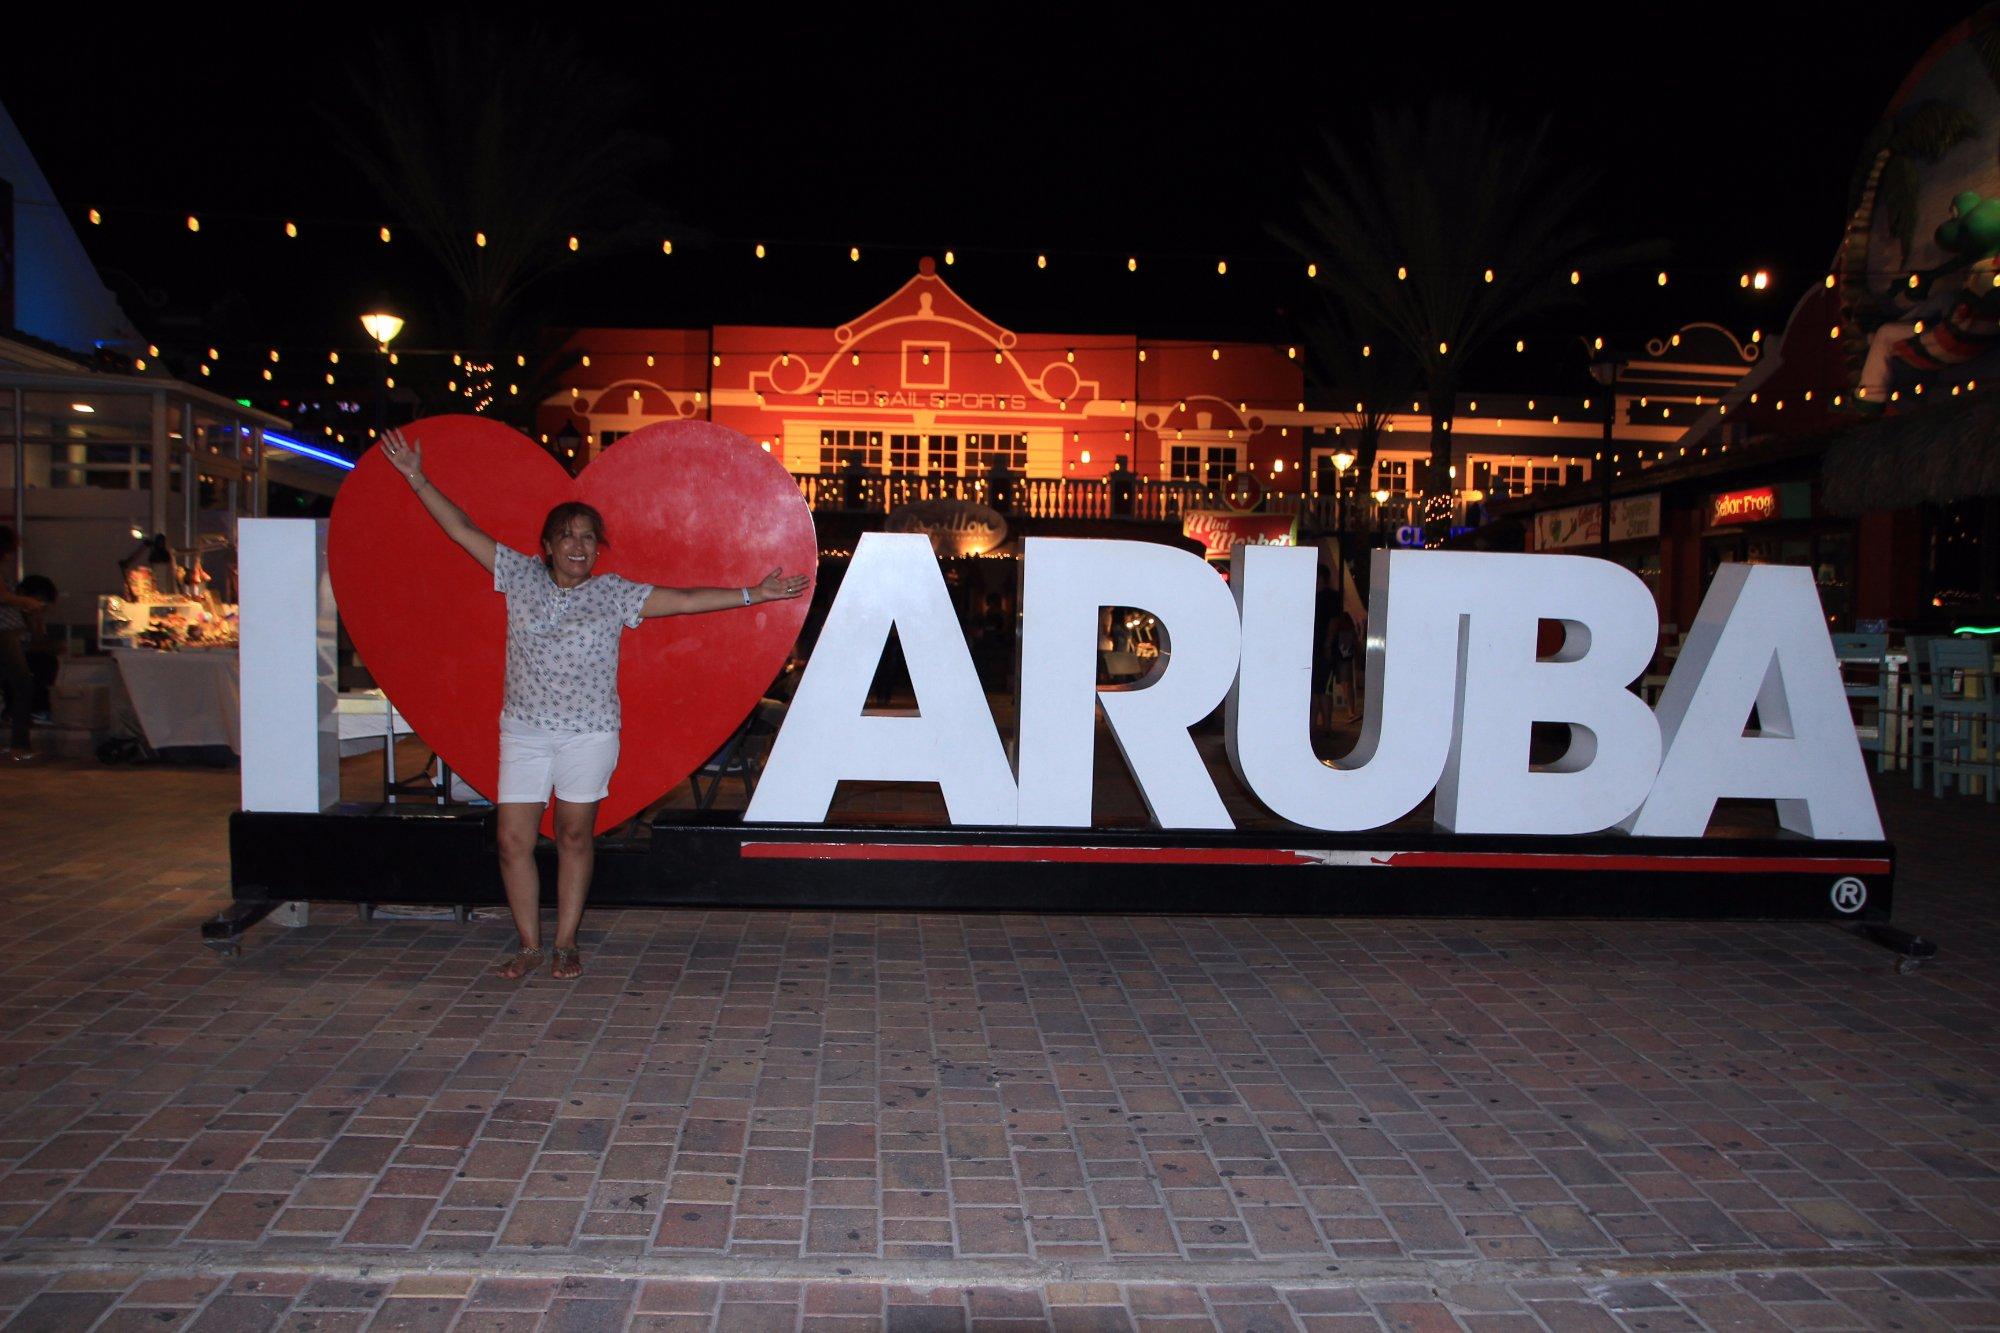 Esta foto no tiene que faltar si vas a Aruba